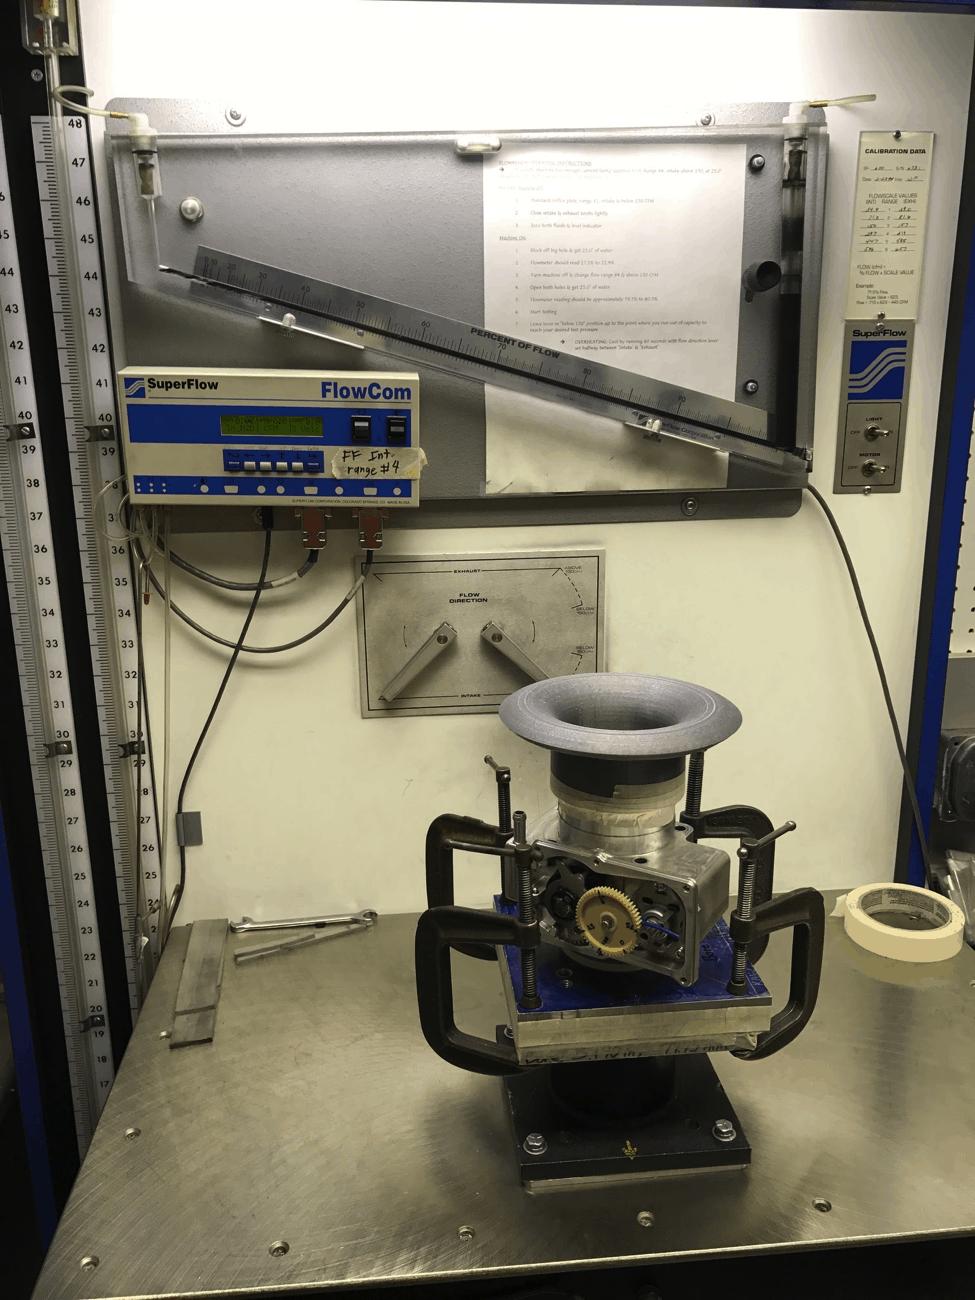 GEN-6-497 72mm Throttle Body Pre-Production Testing